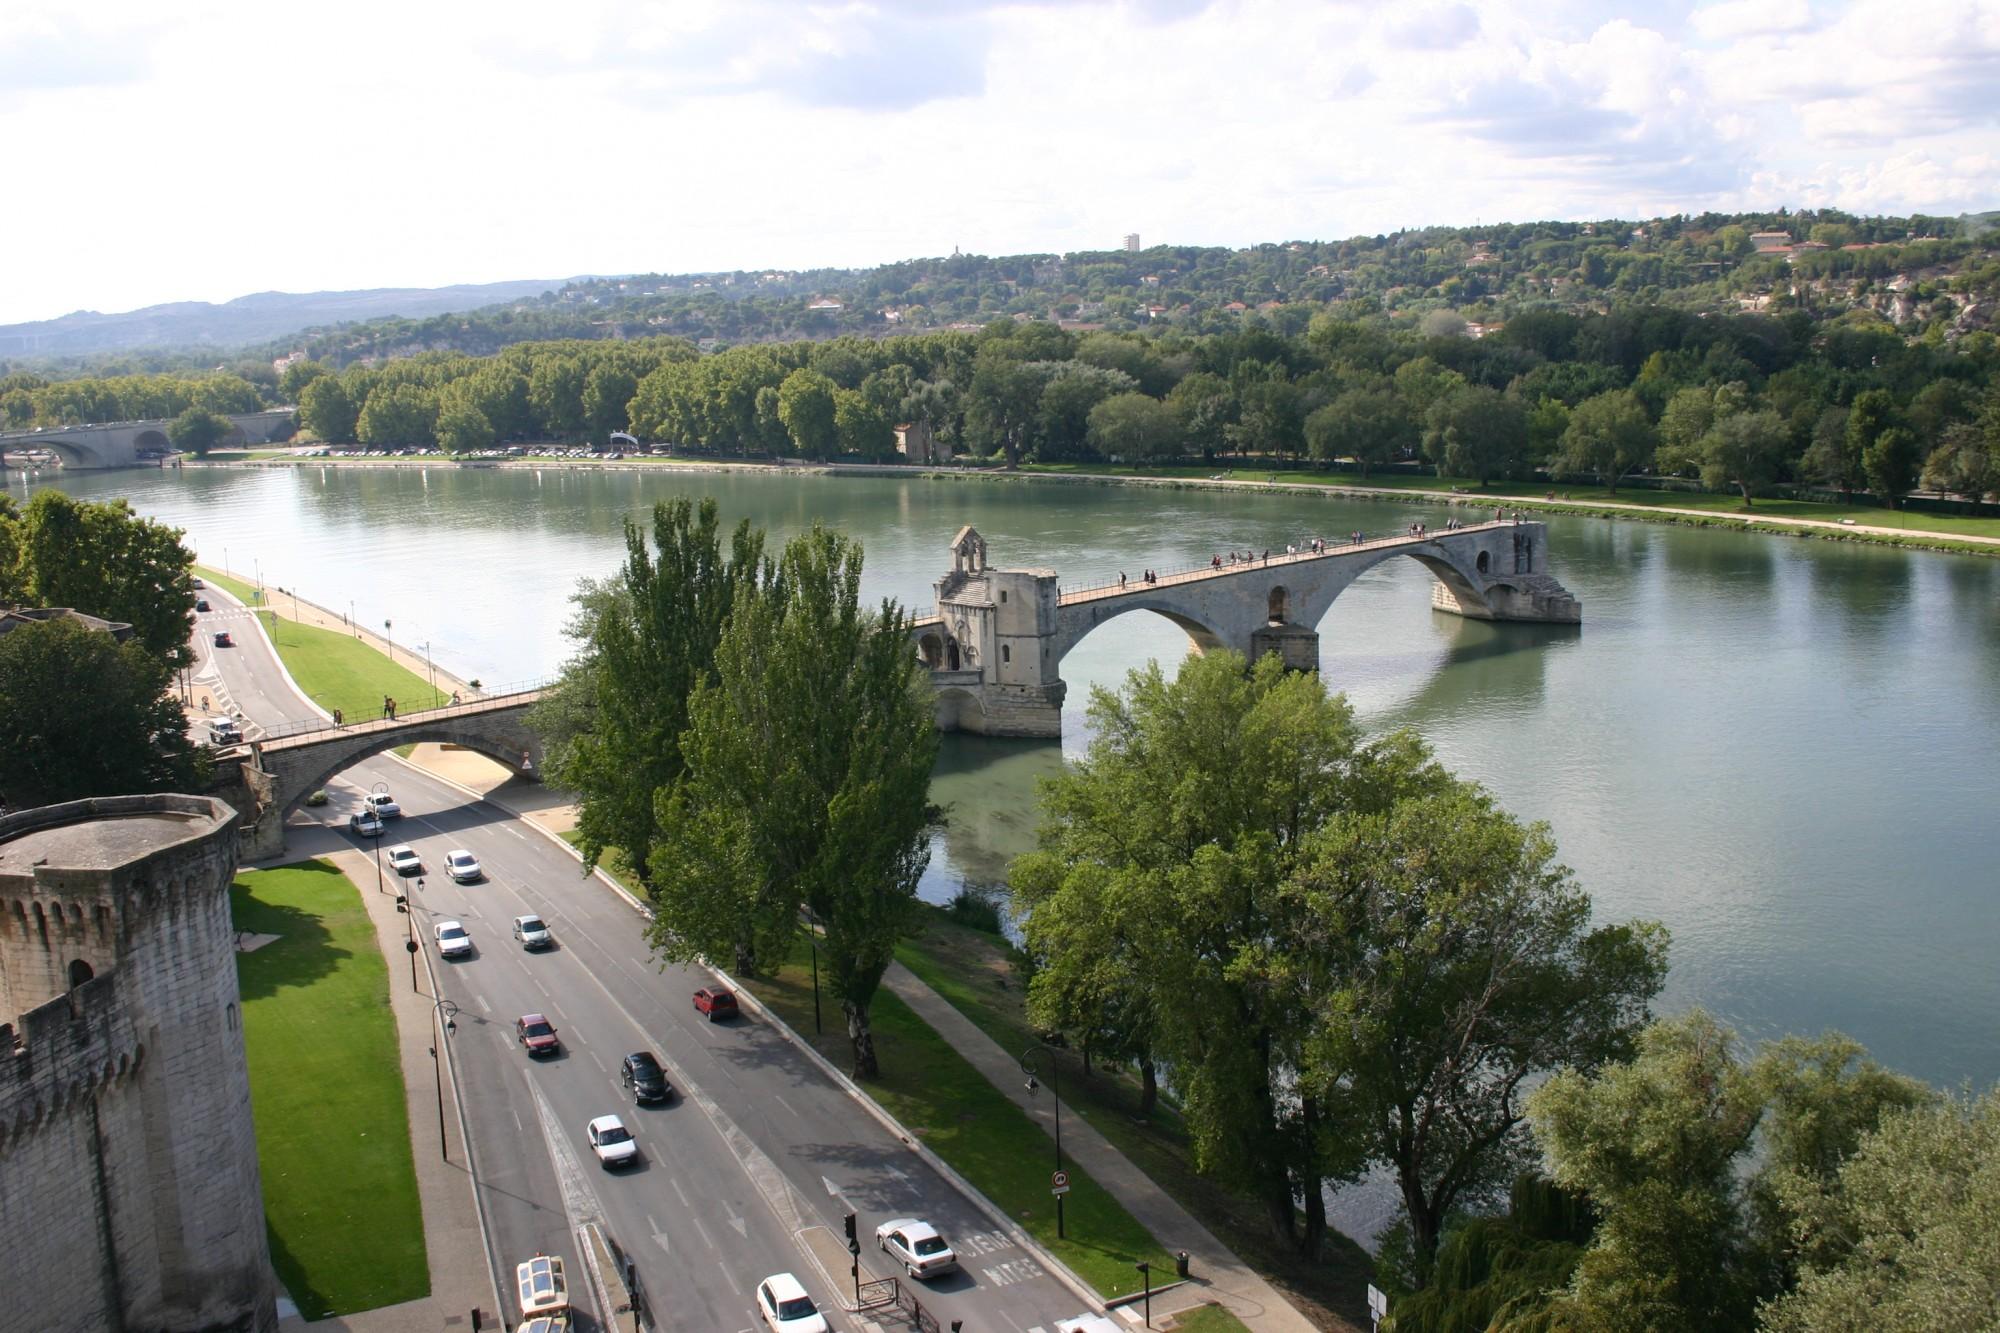 Le pont Saint Bénézet ou pont d'Avignon